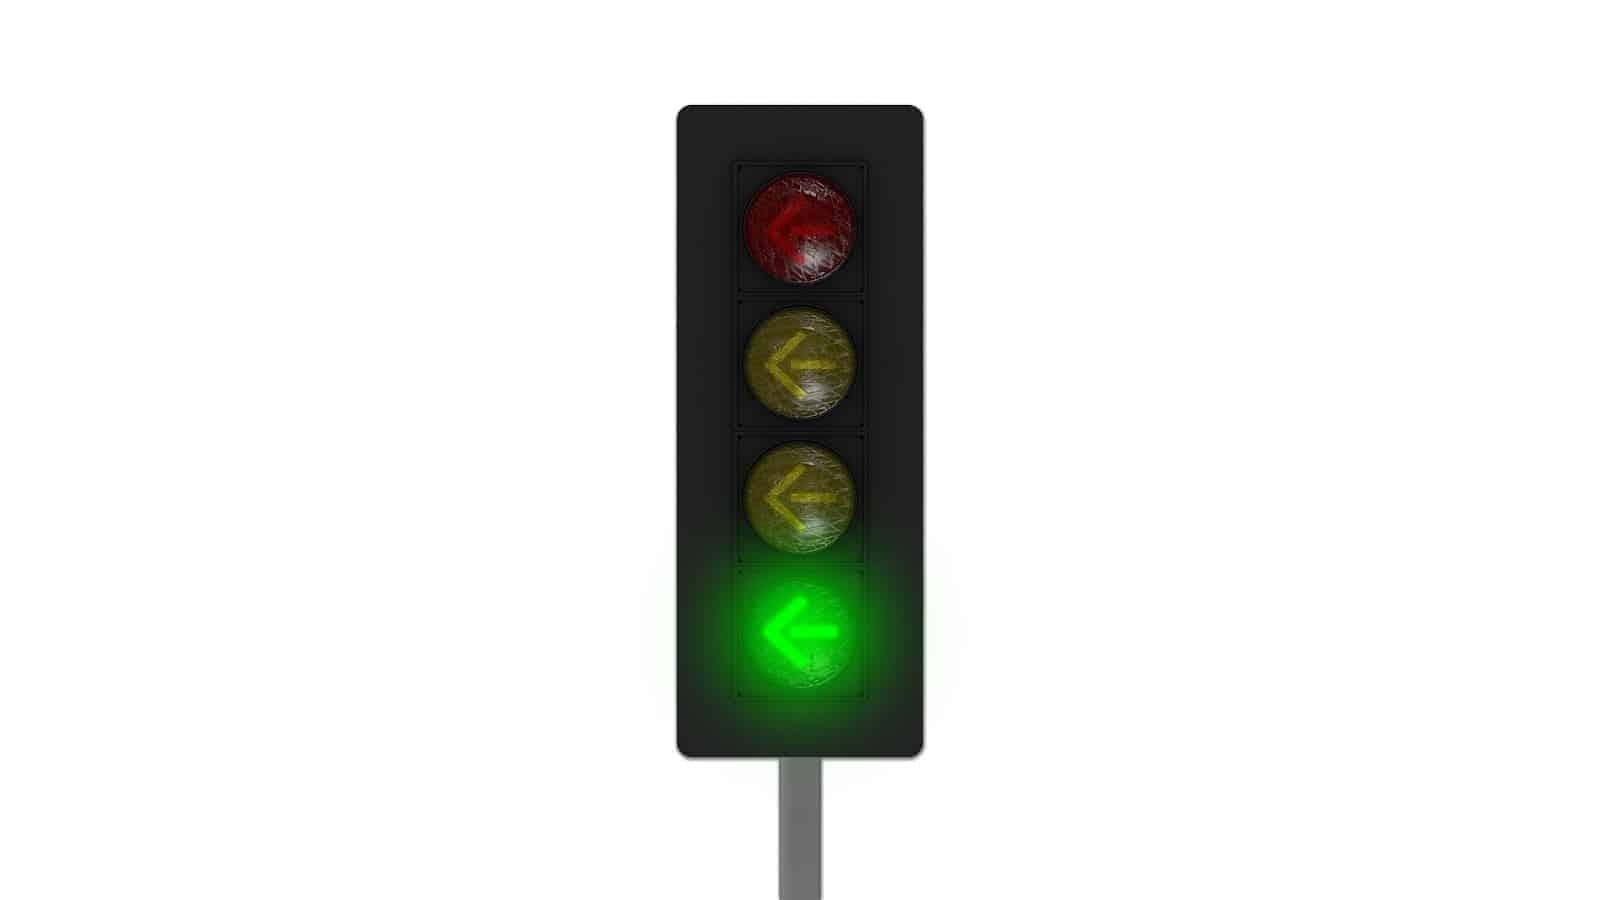 Green traffic light arrow